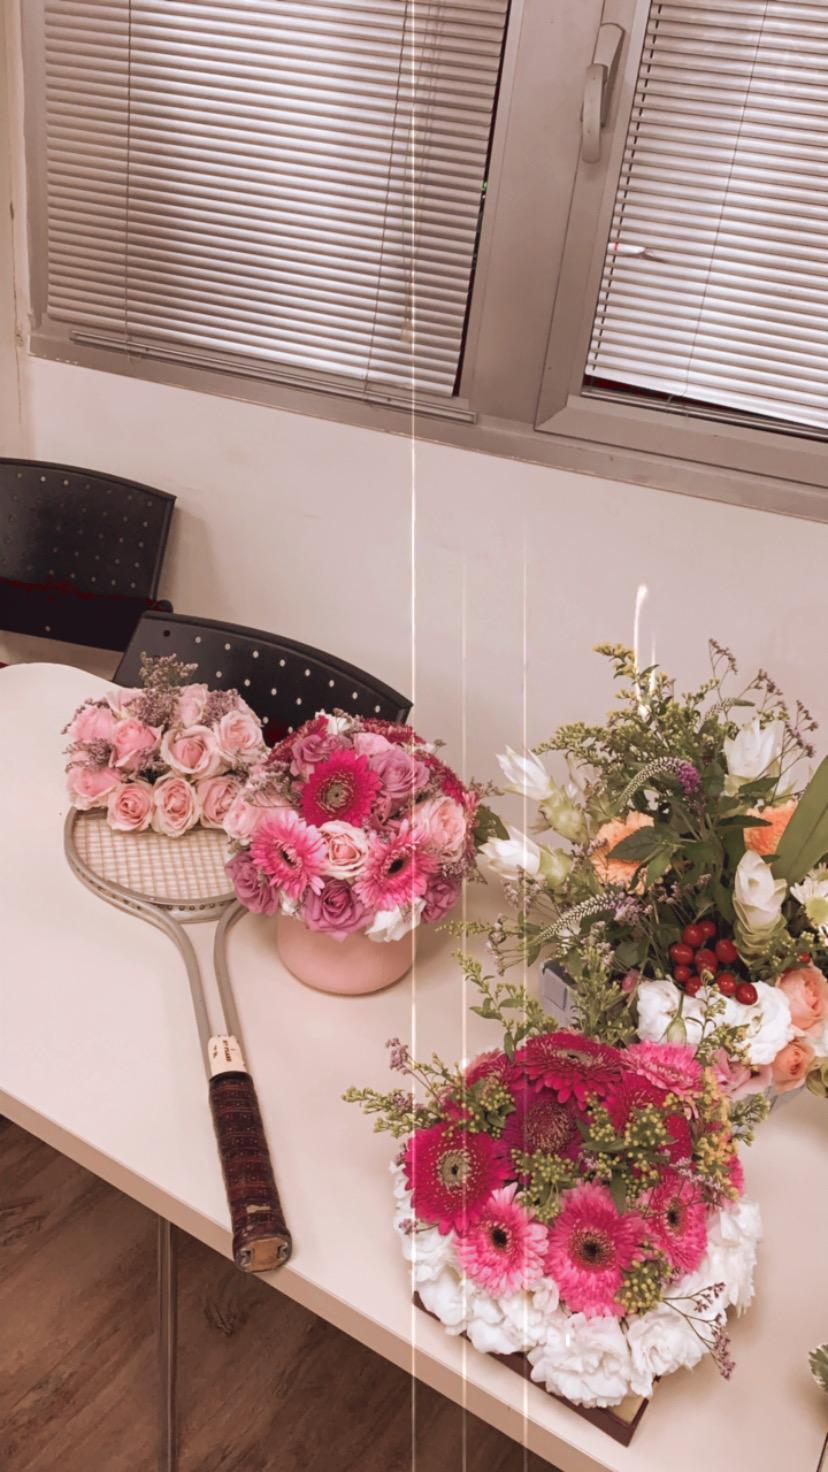 גלרייה - שיעור שזירת פרחים - קורס הפקת אירועים מחזור 24, 4 מתוך 35